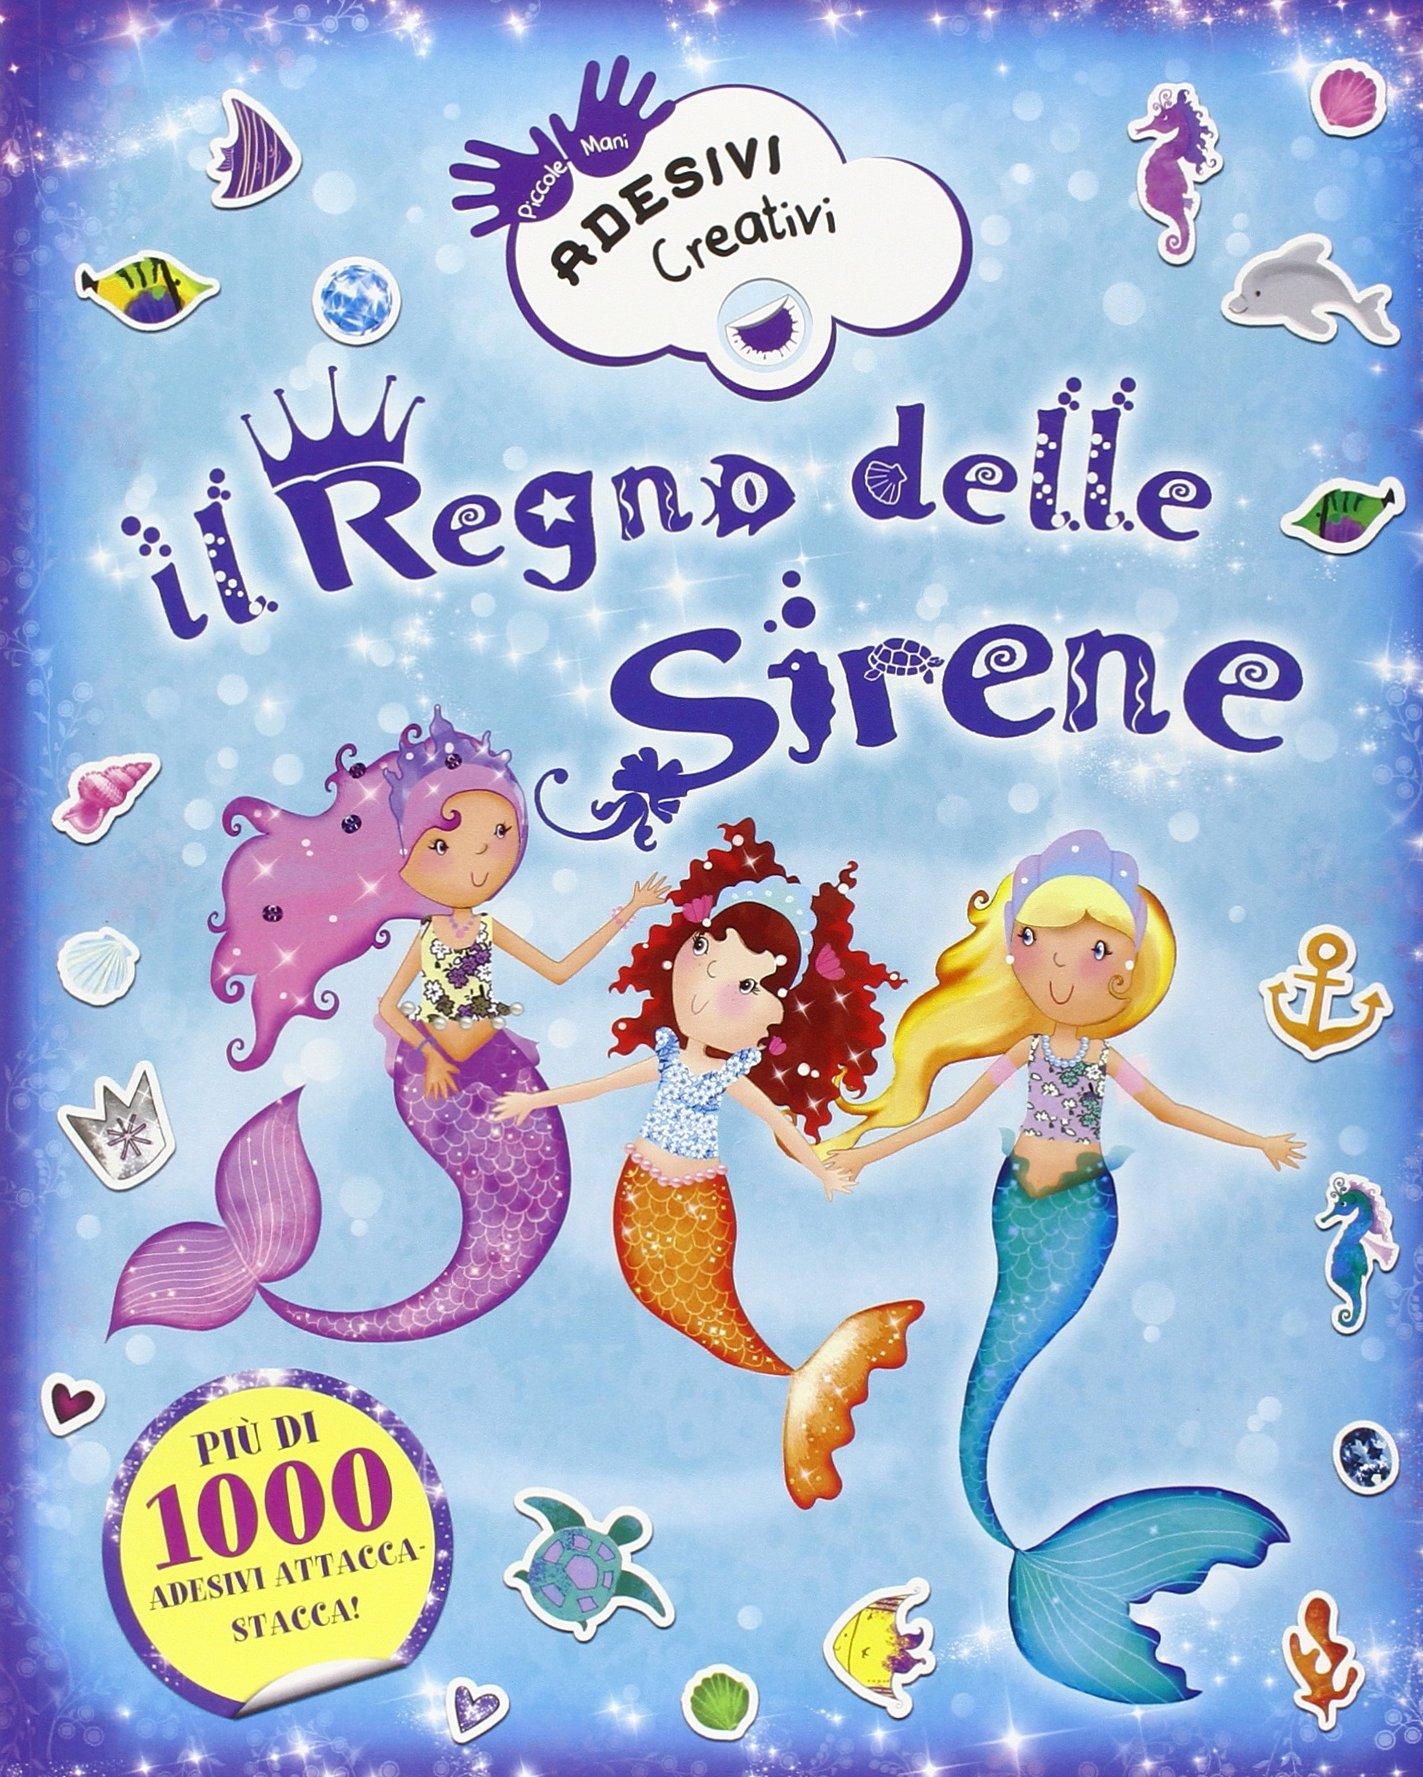 Il Regno Delle Sirene Adesivi Creativi Ediz Illustrata Amazon It